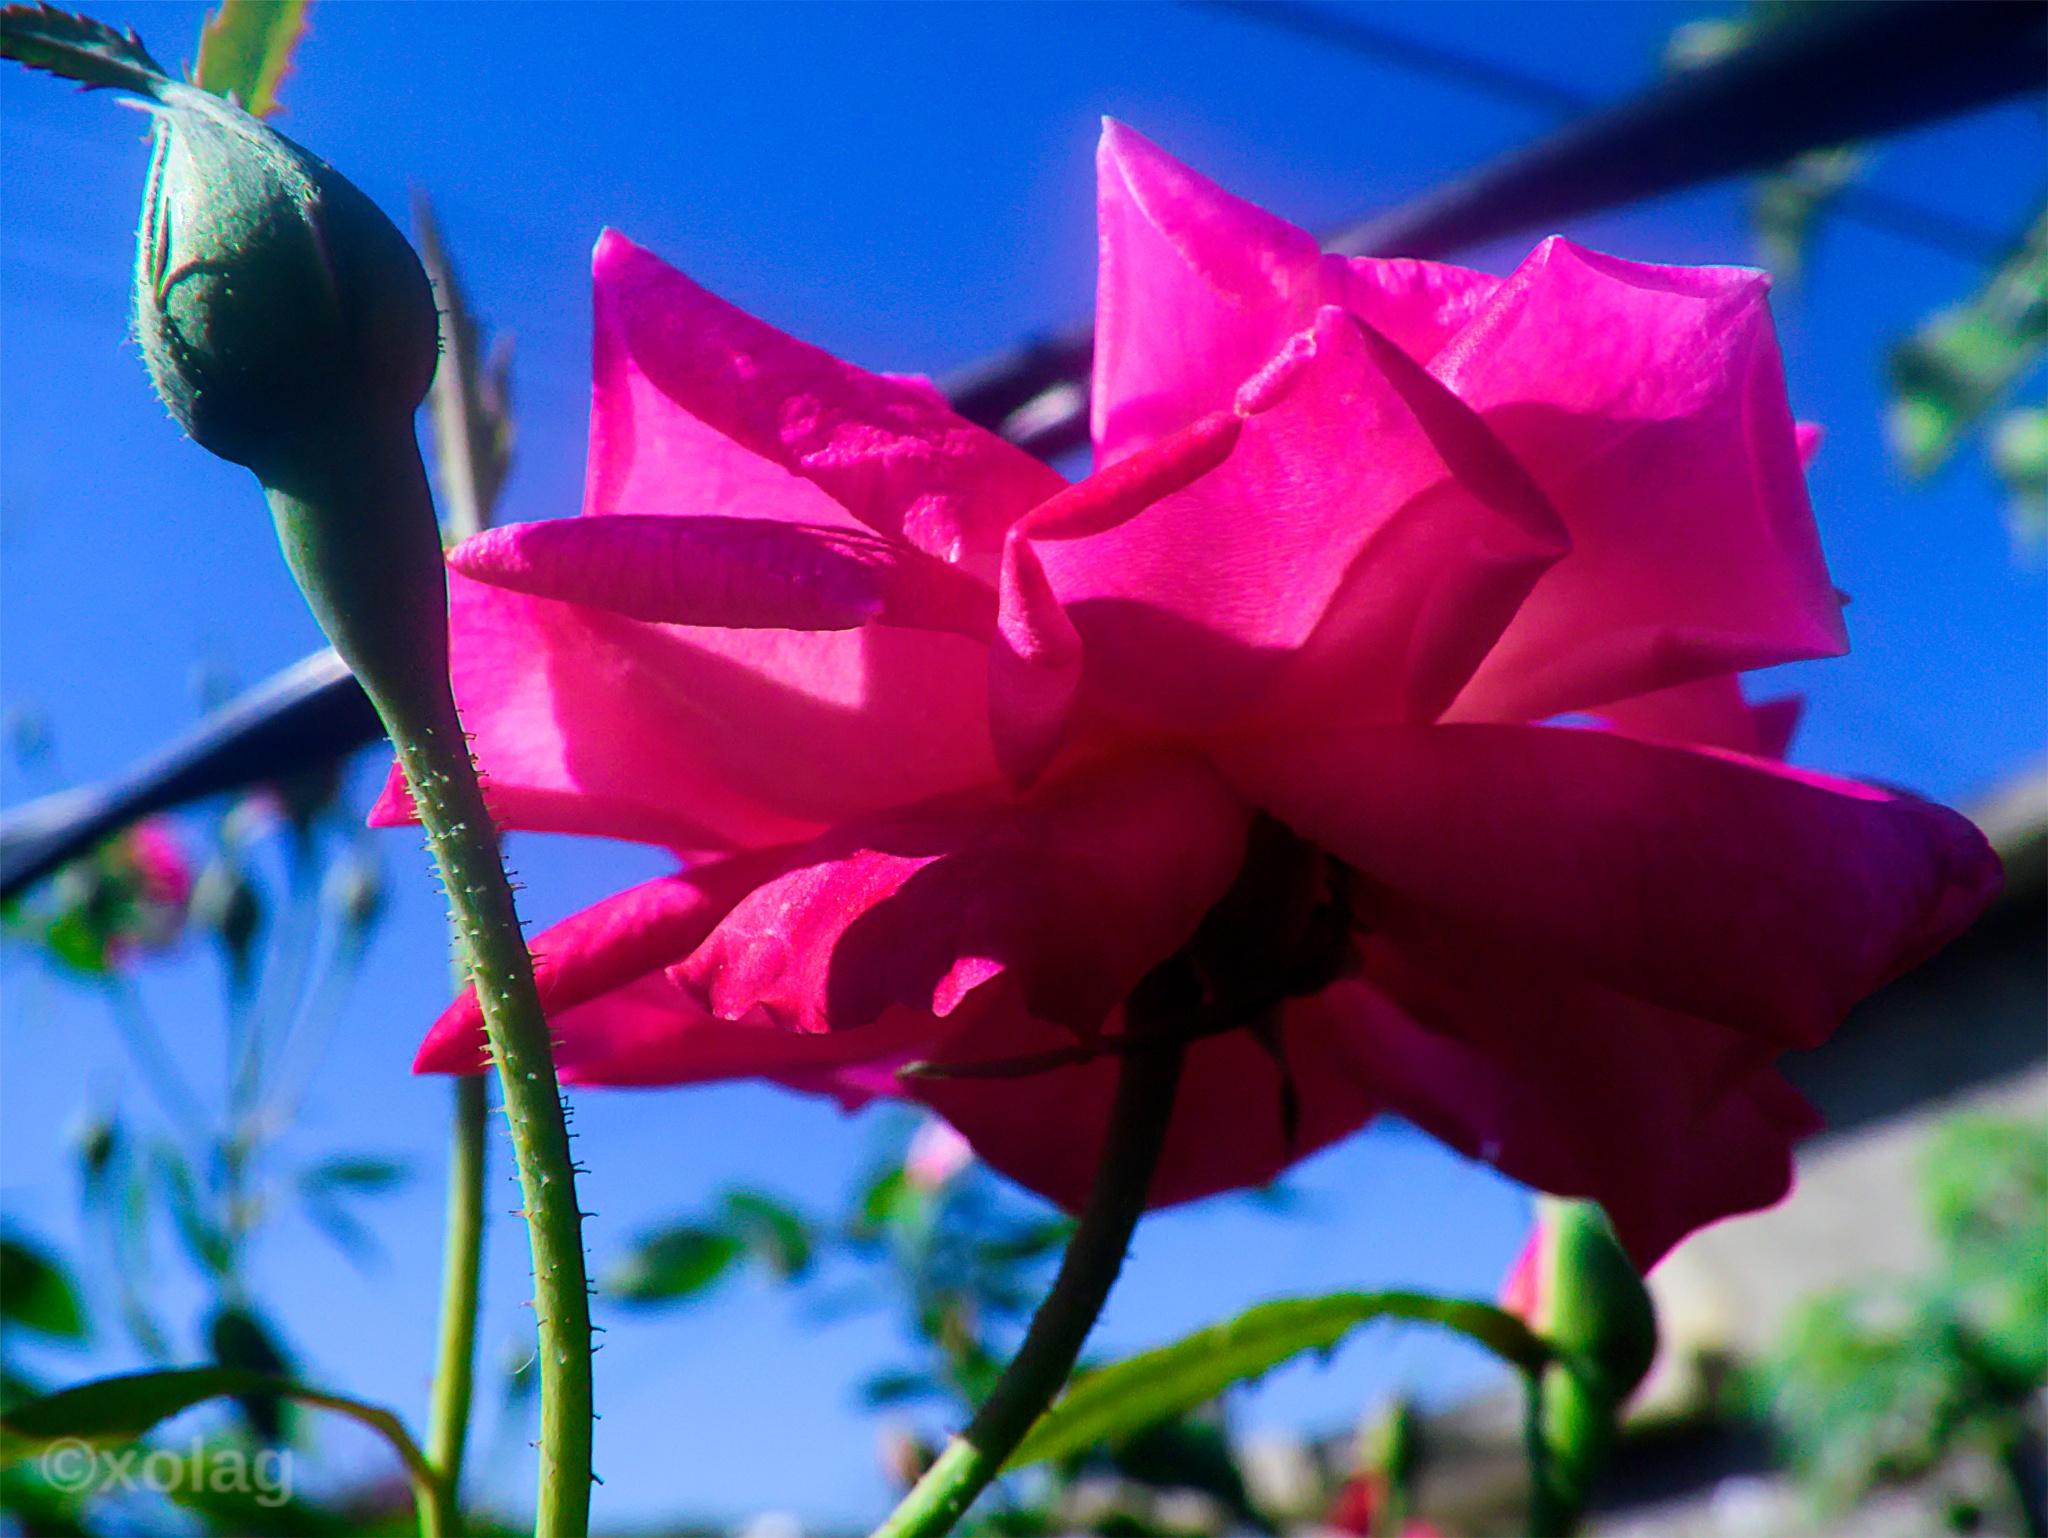 La rosa y su boton by J.R.Galindo